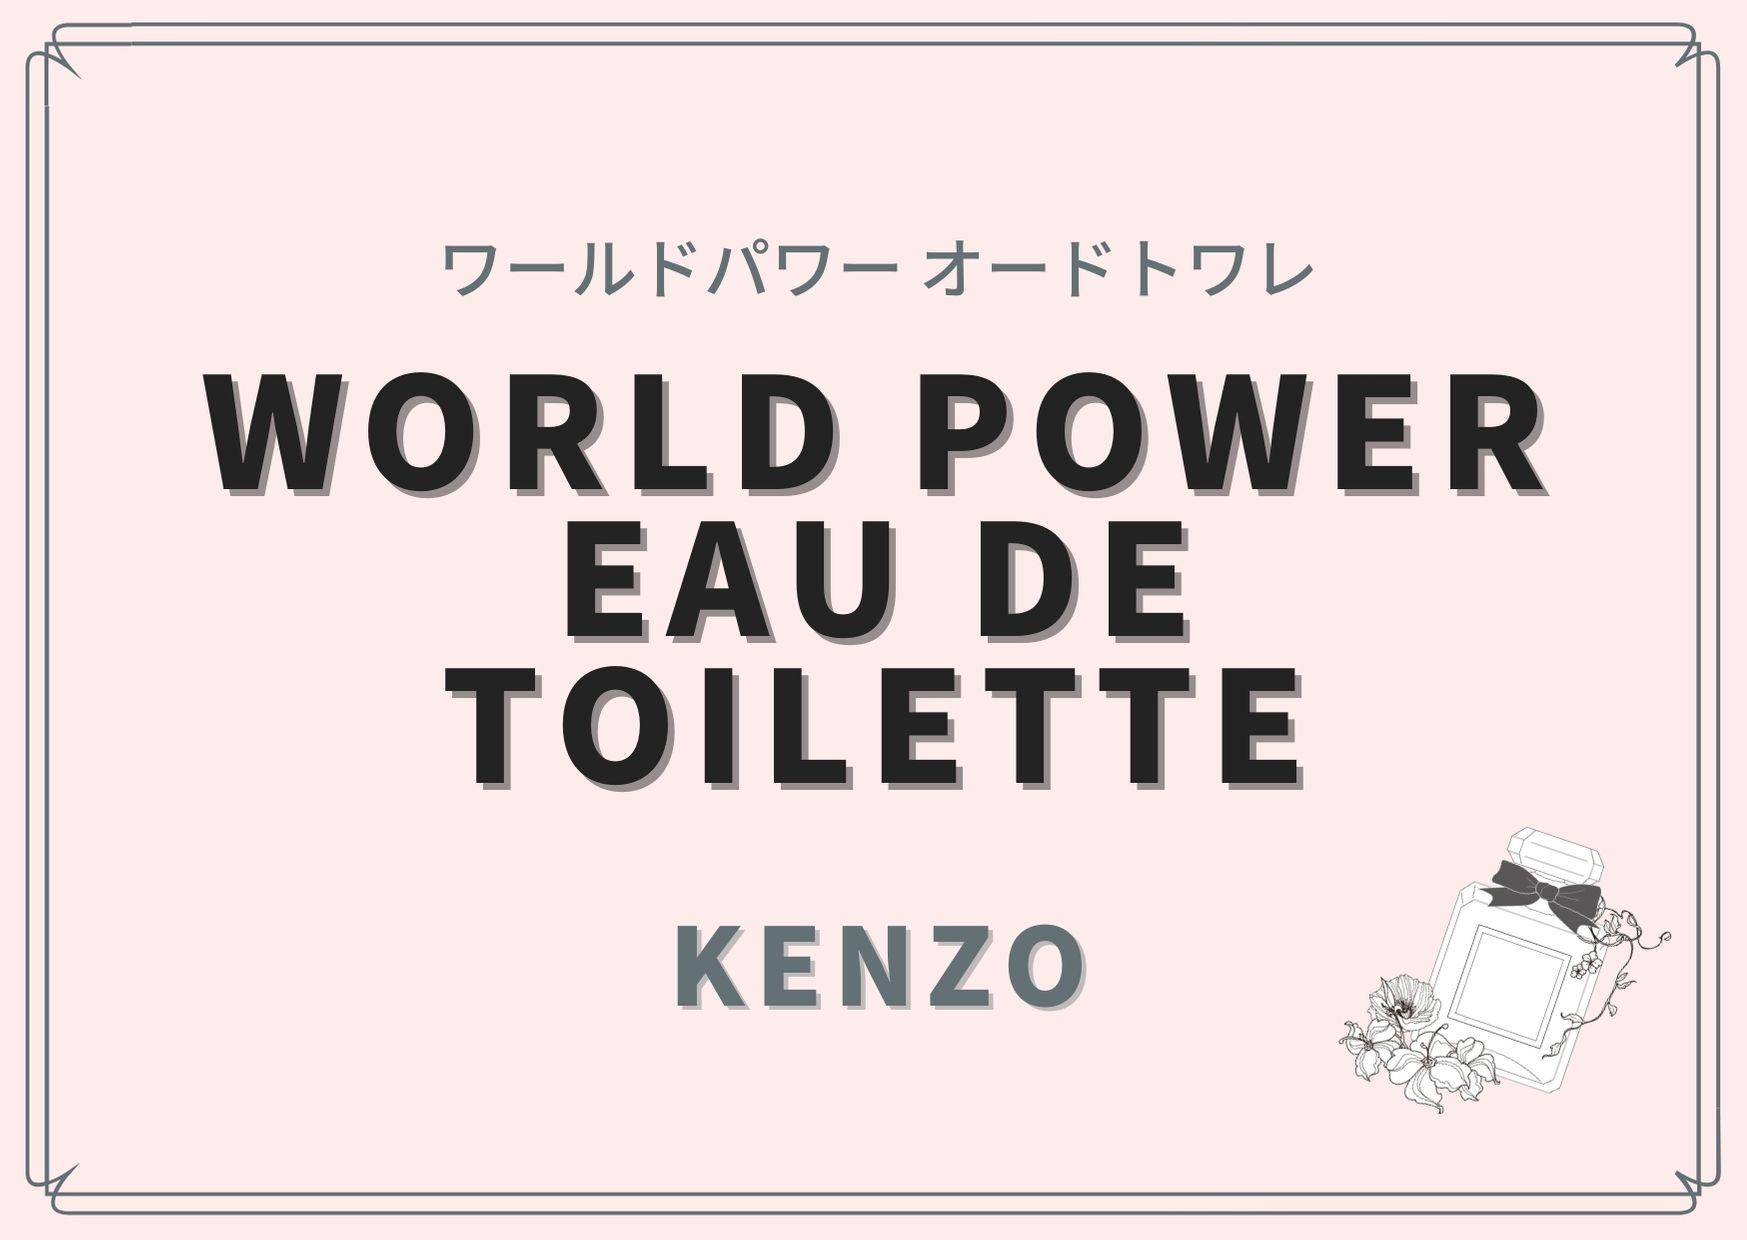 World Power Eau de Toilette(ワールドパワー オードトワレ)/KENZO(ケンゾー)